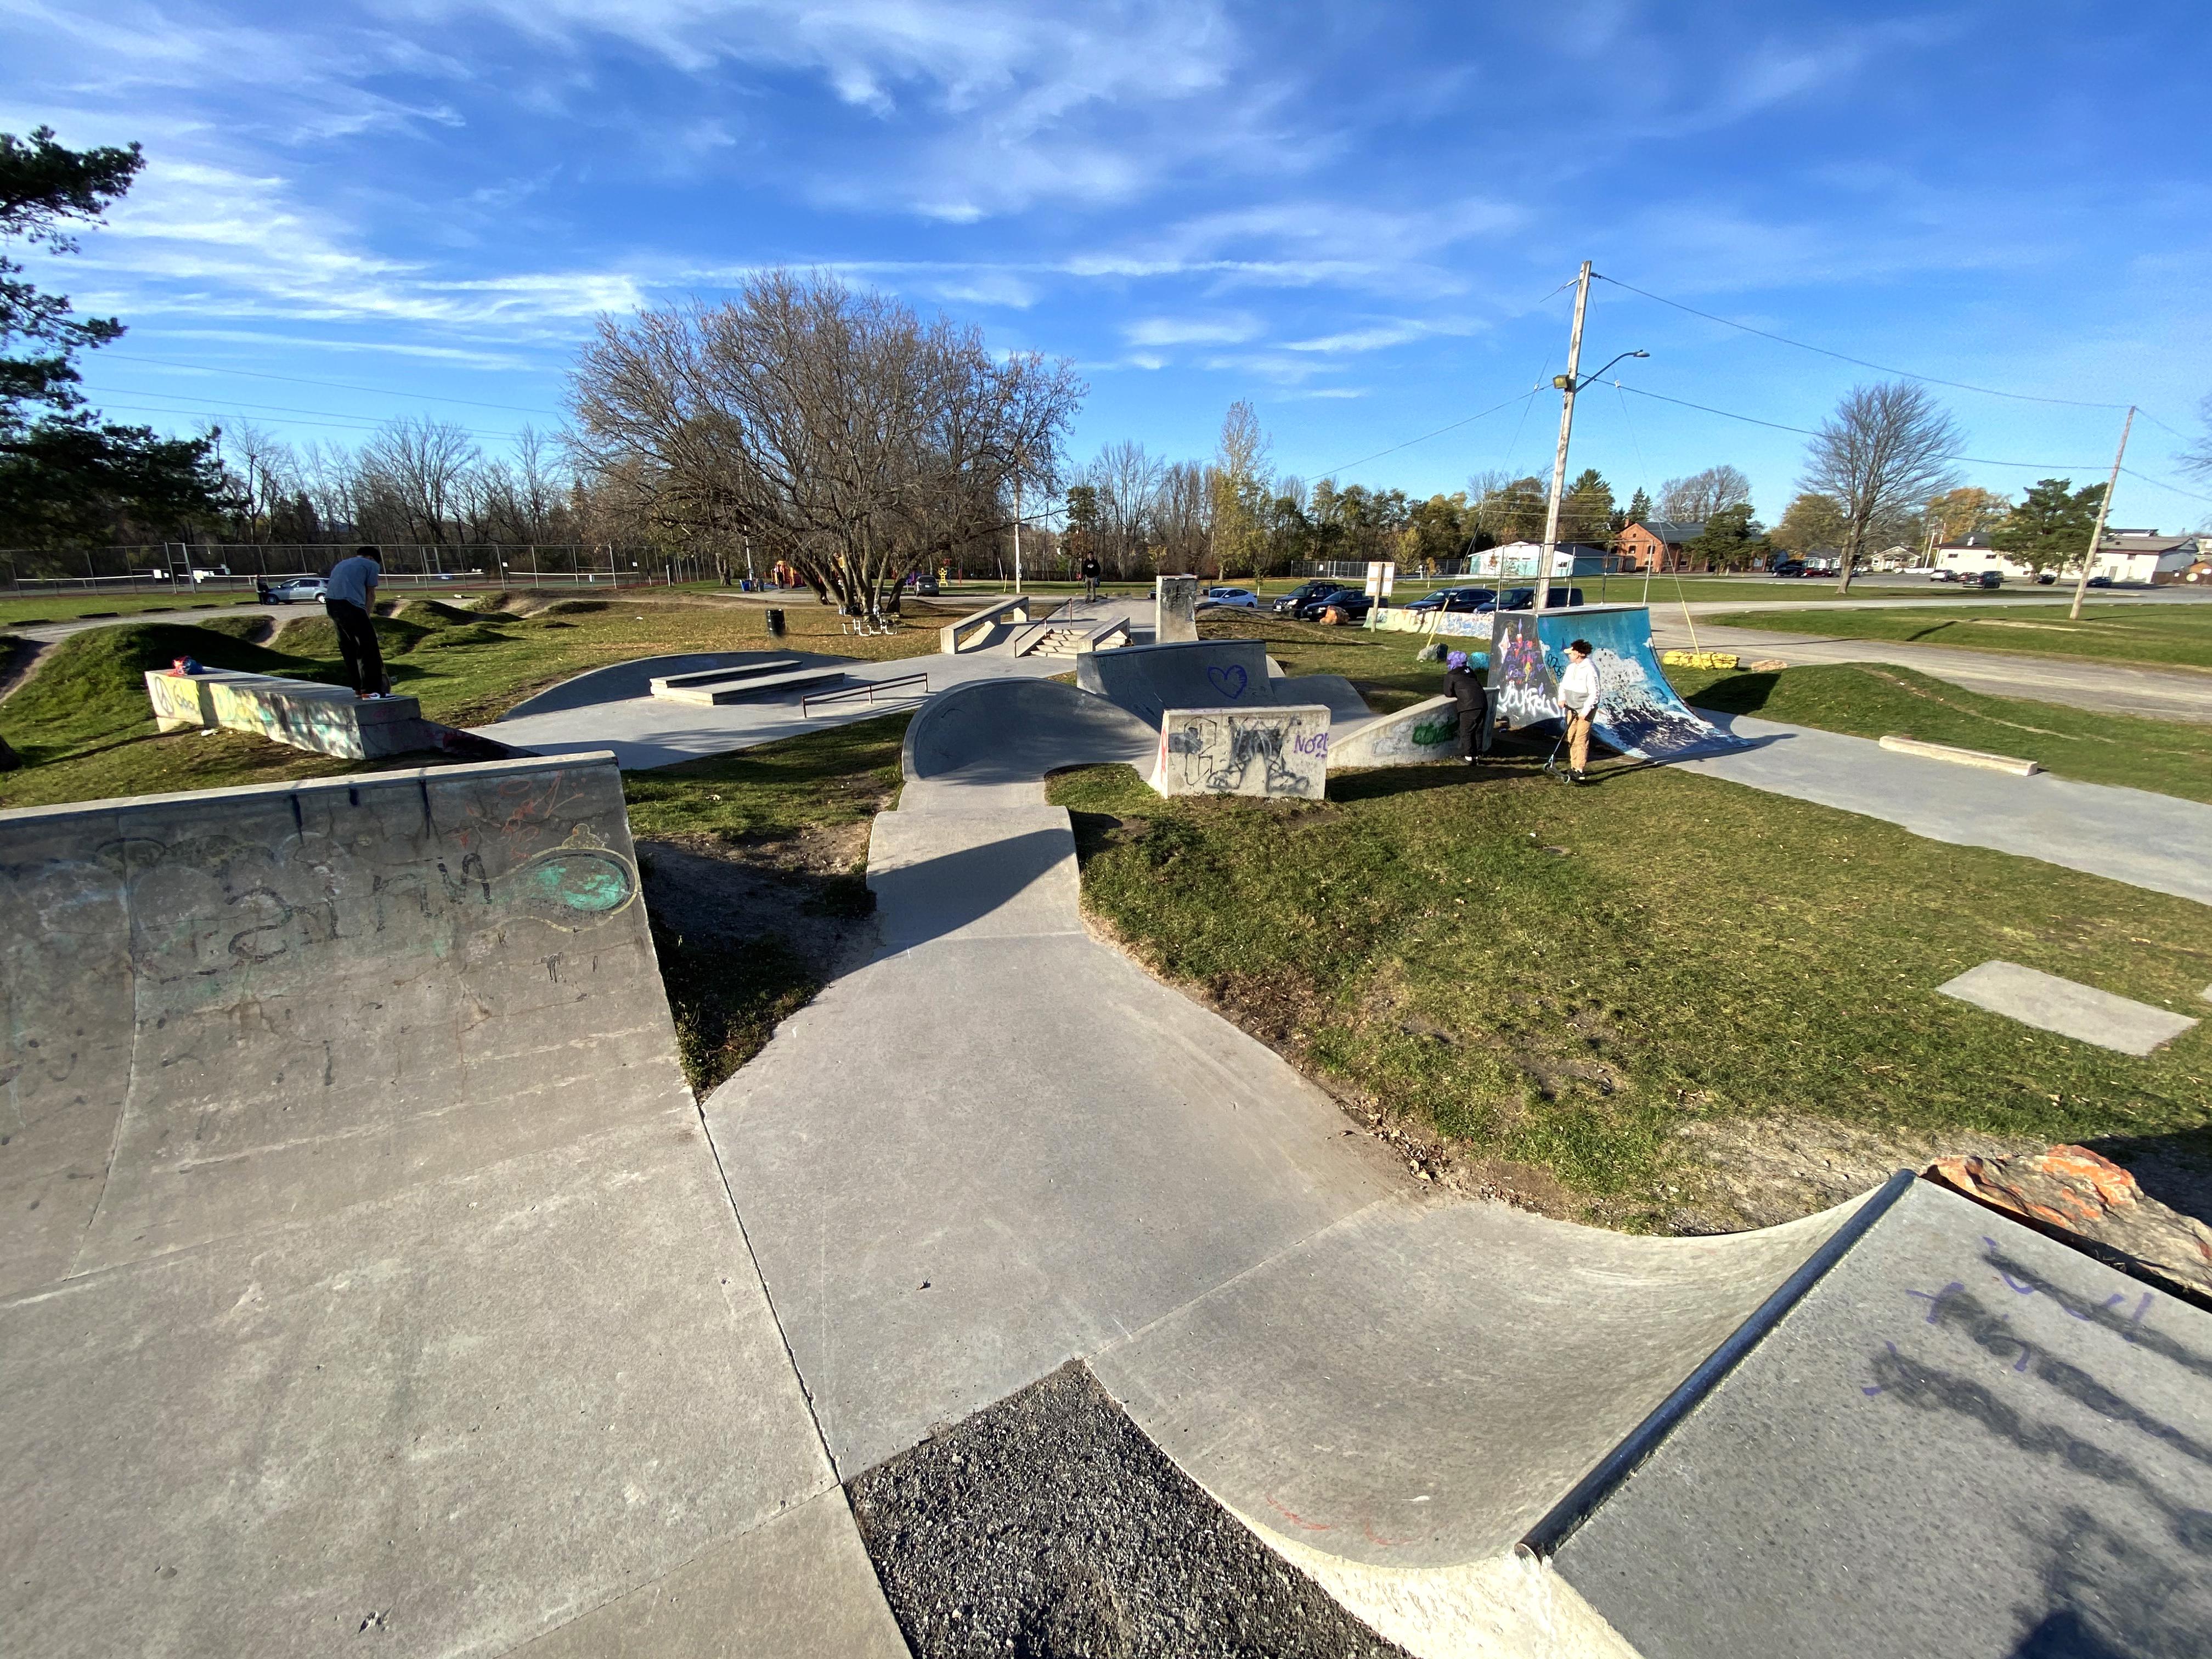 kemptville skatepark entering the snake run